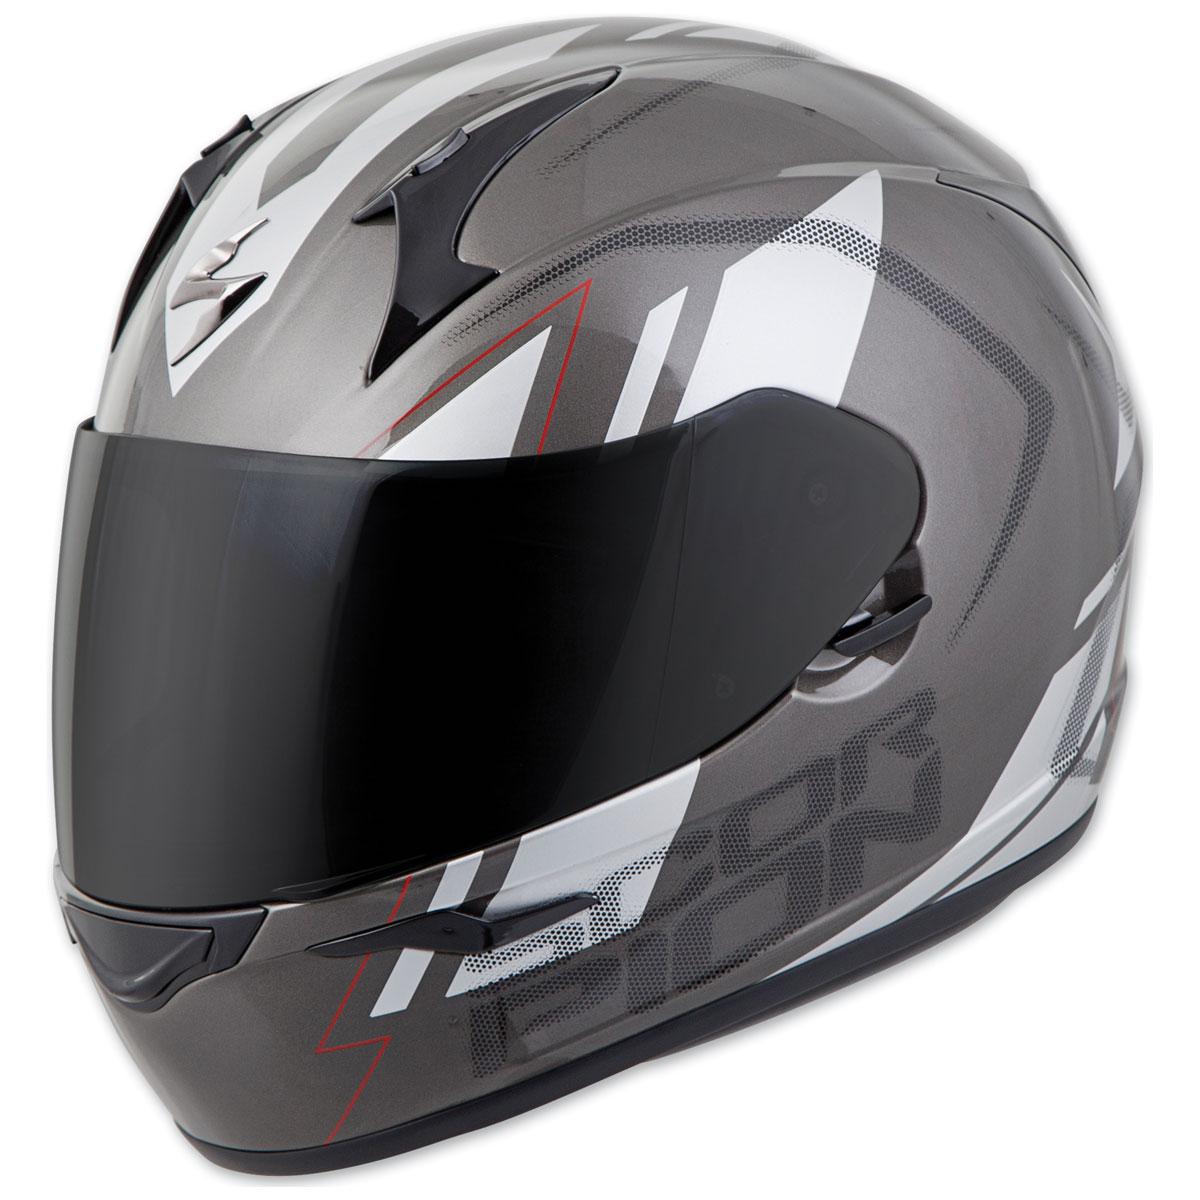 Scorpion EXO EXO-R320 Endeavor Gray/Silver Full Face Helmet